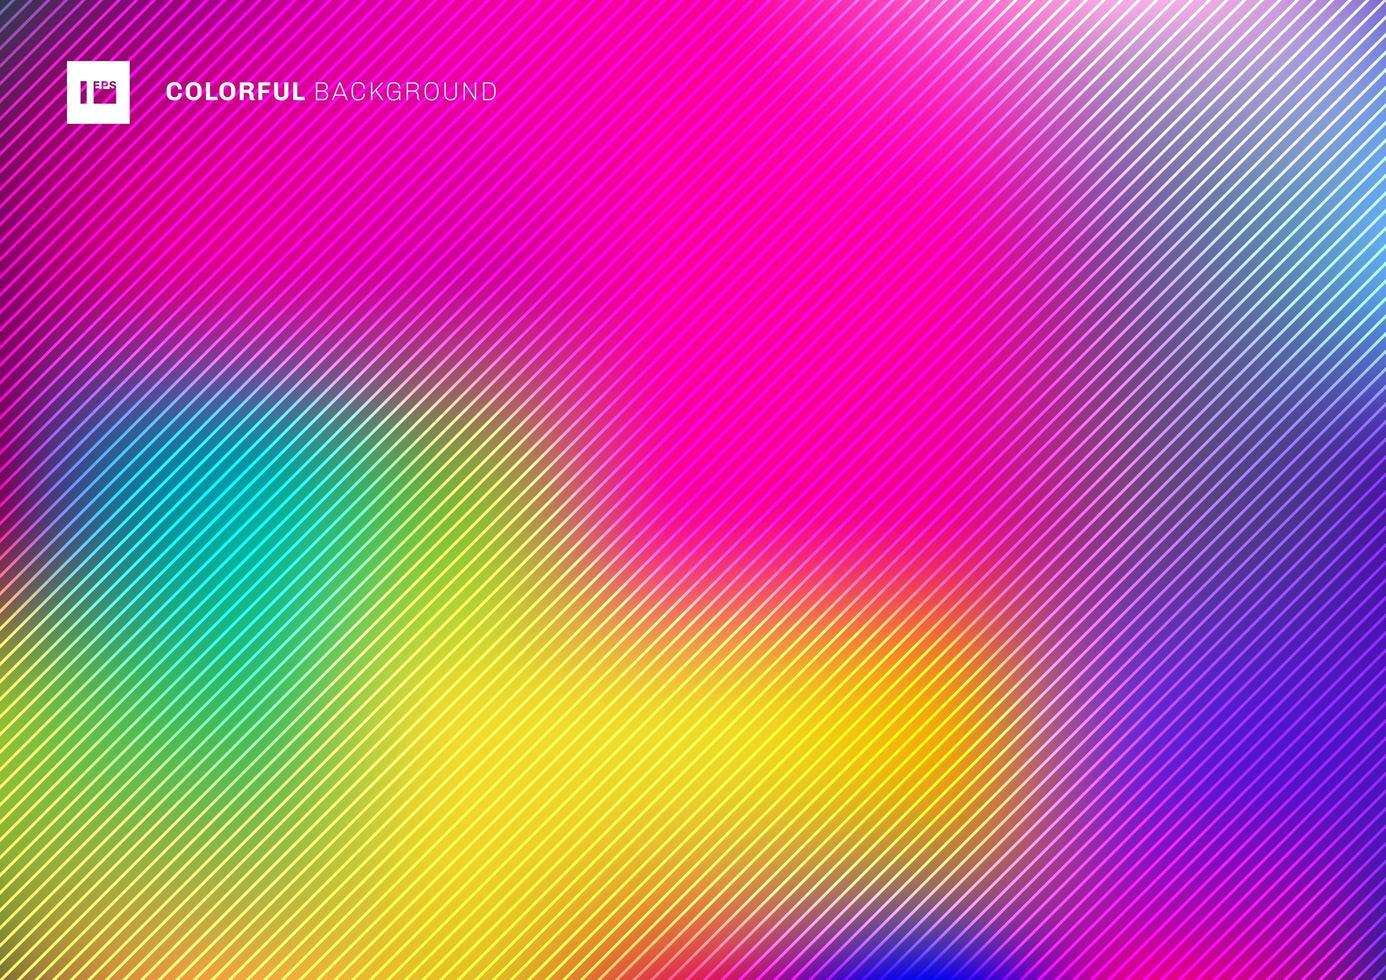 astratto sfocato colorato bellissimo sfondo con trama di linee diagonali. vettore